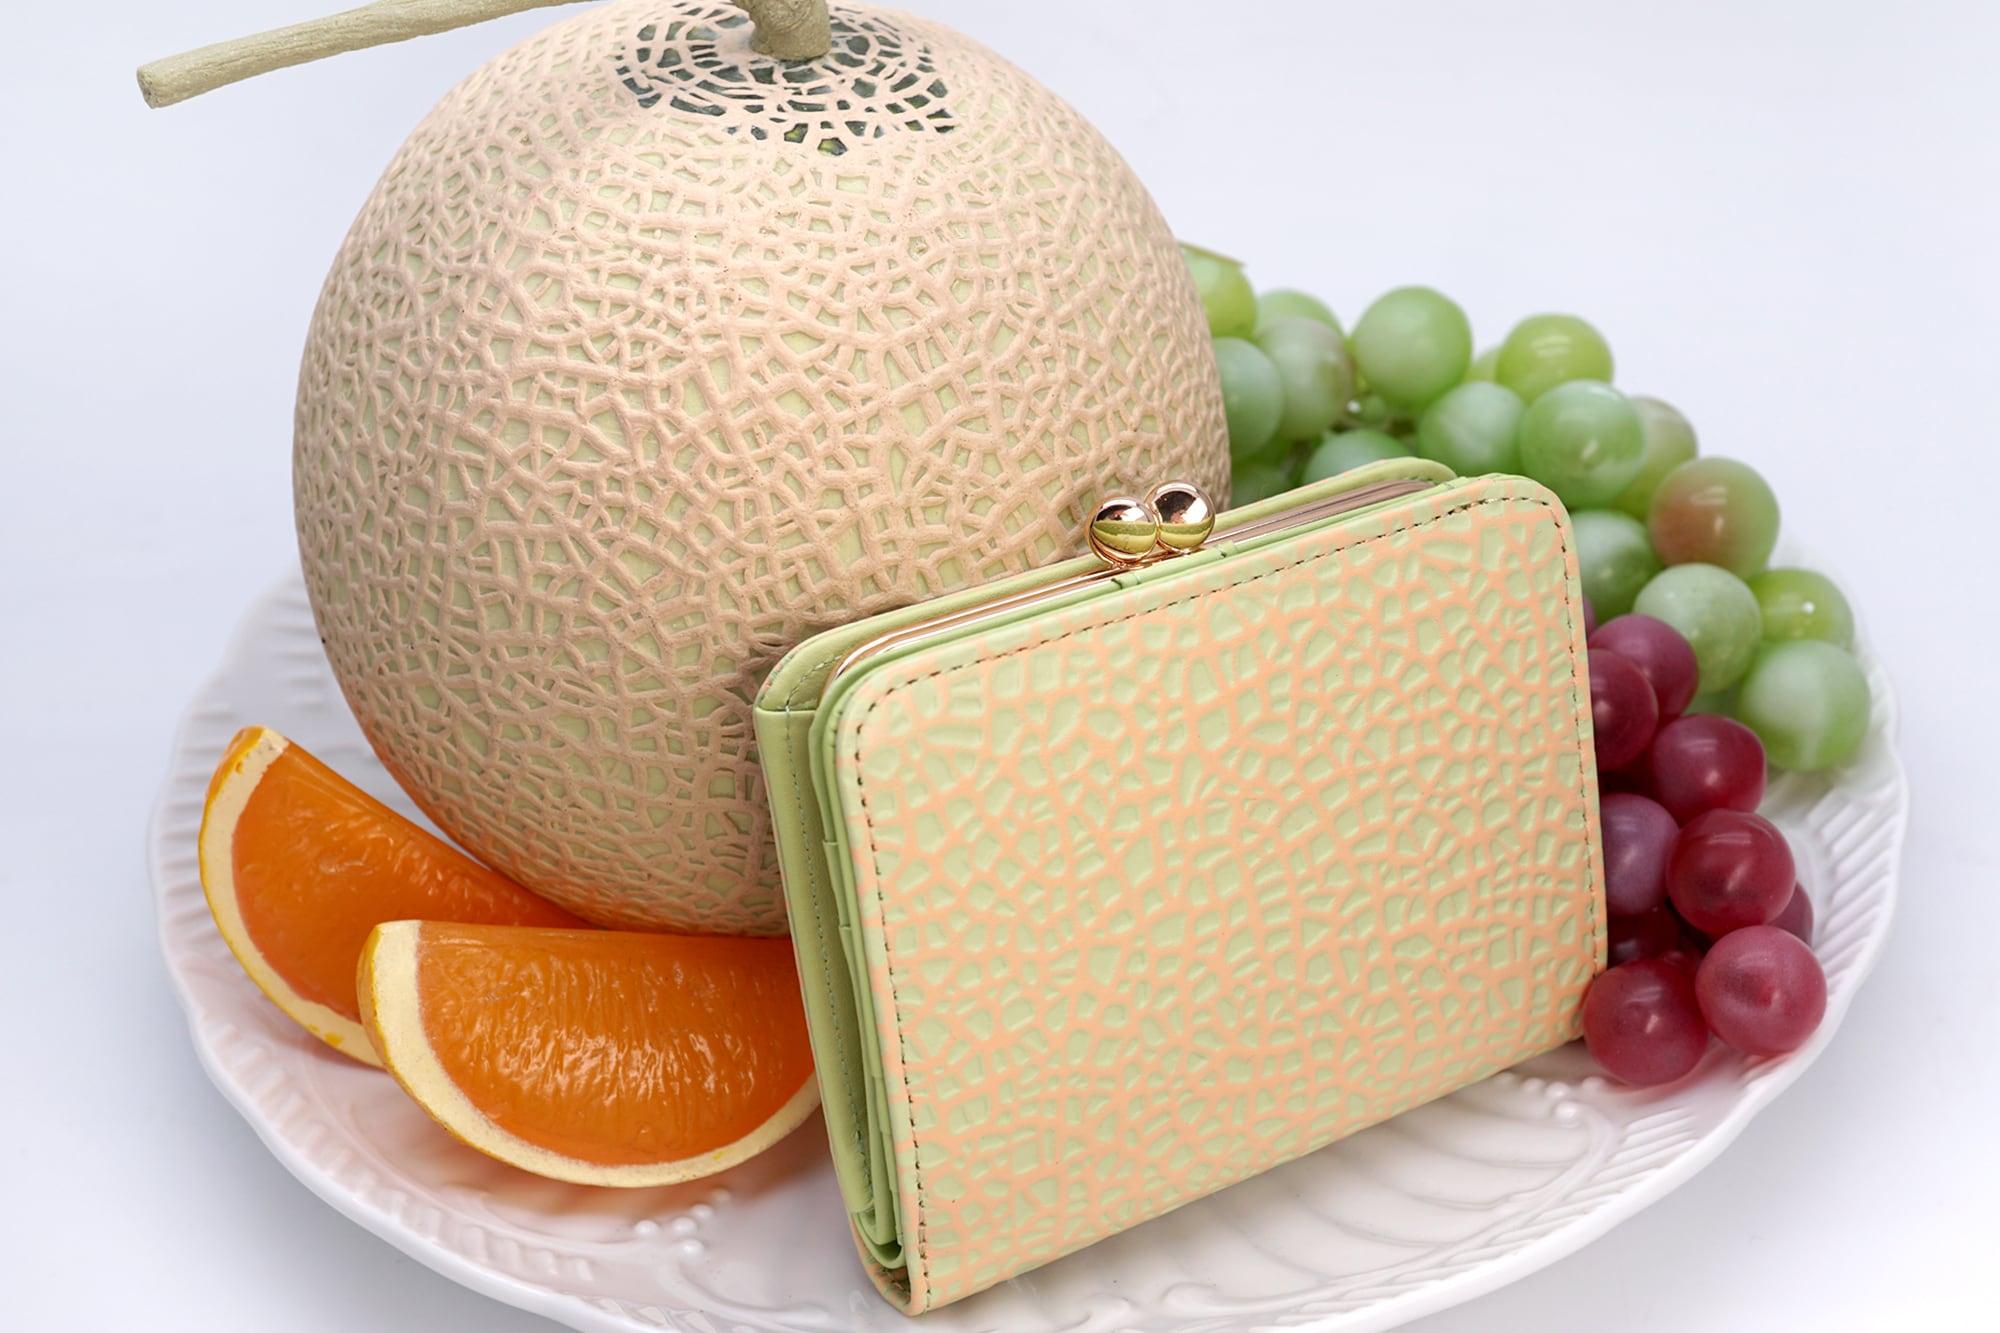 【牛革製】クラウンメロンな2つ折りがま口財布/静岡クラウンメロンコラボ